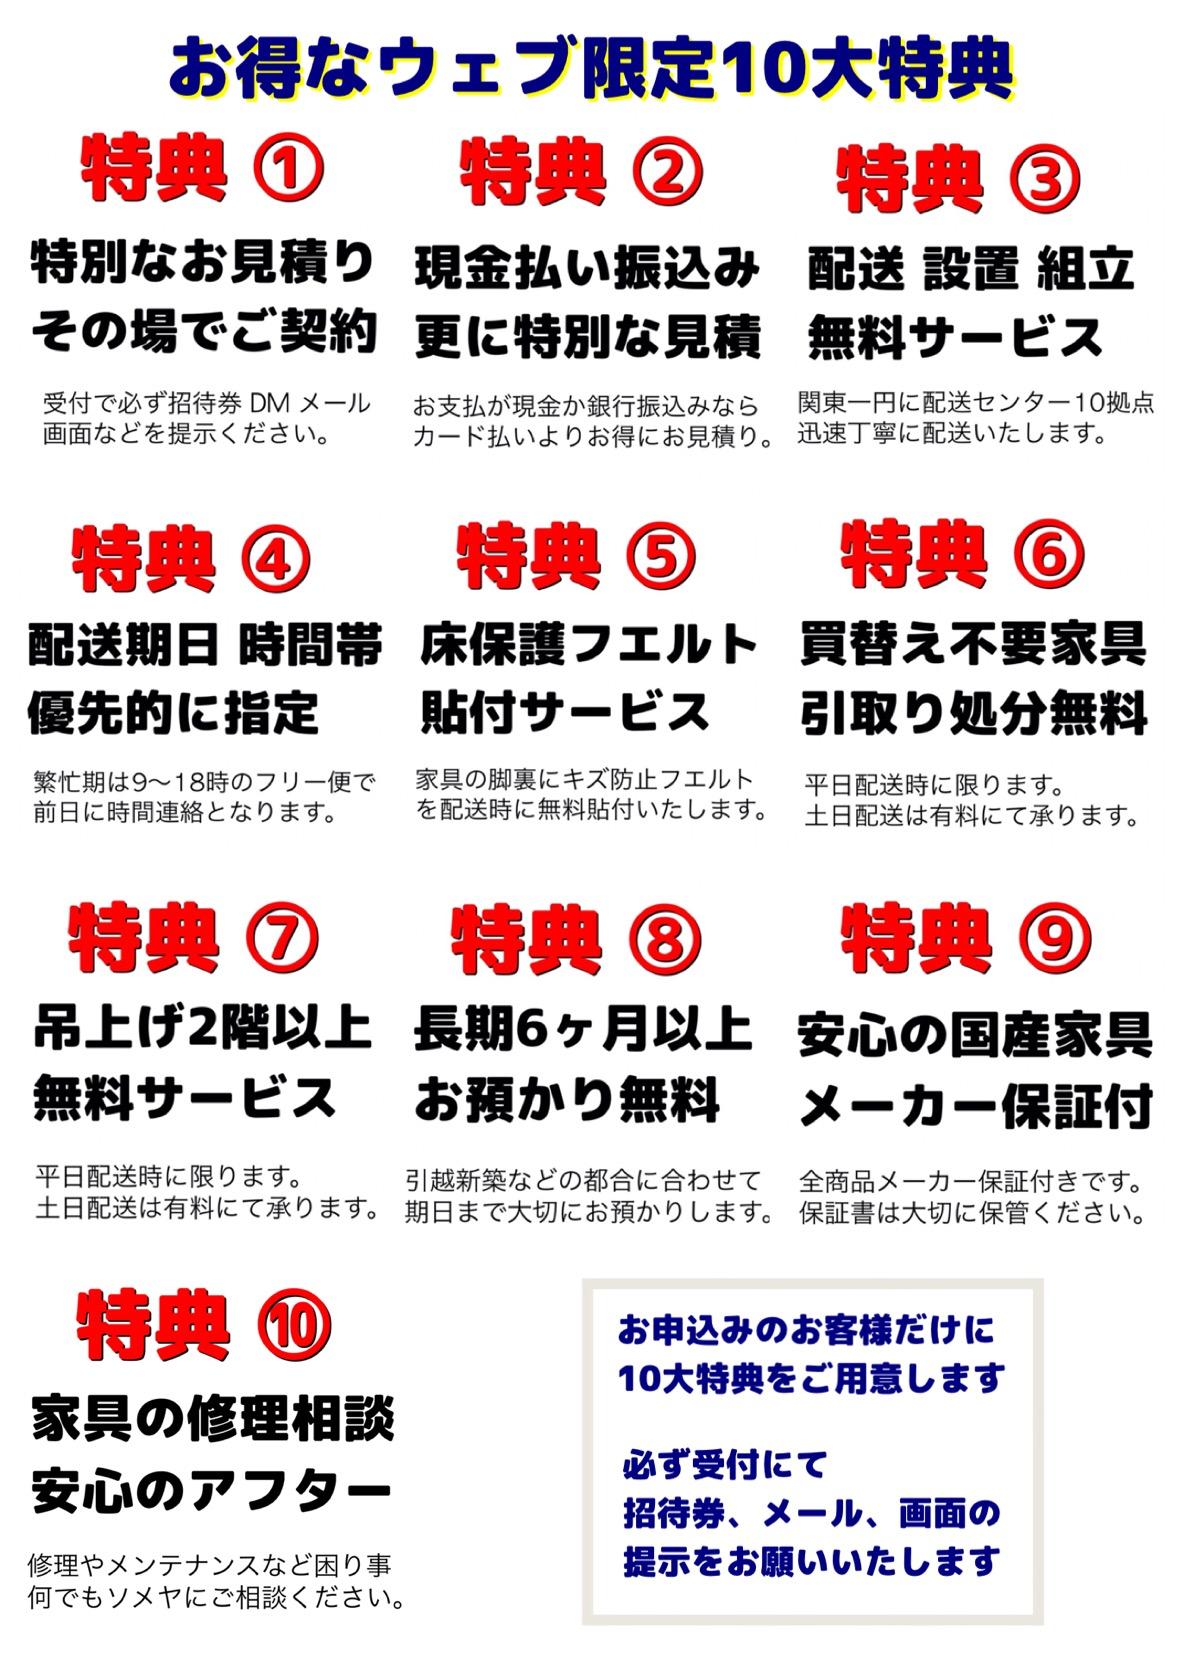 北海道家具イベント10大特典